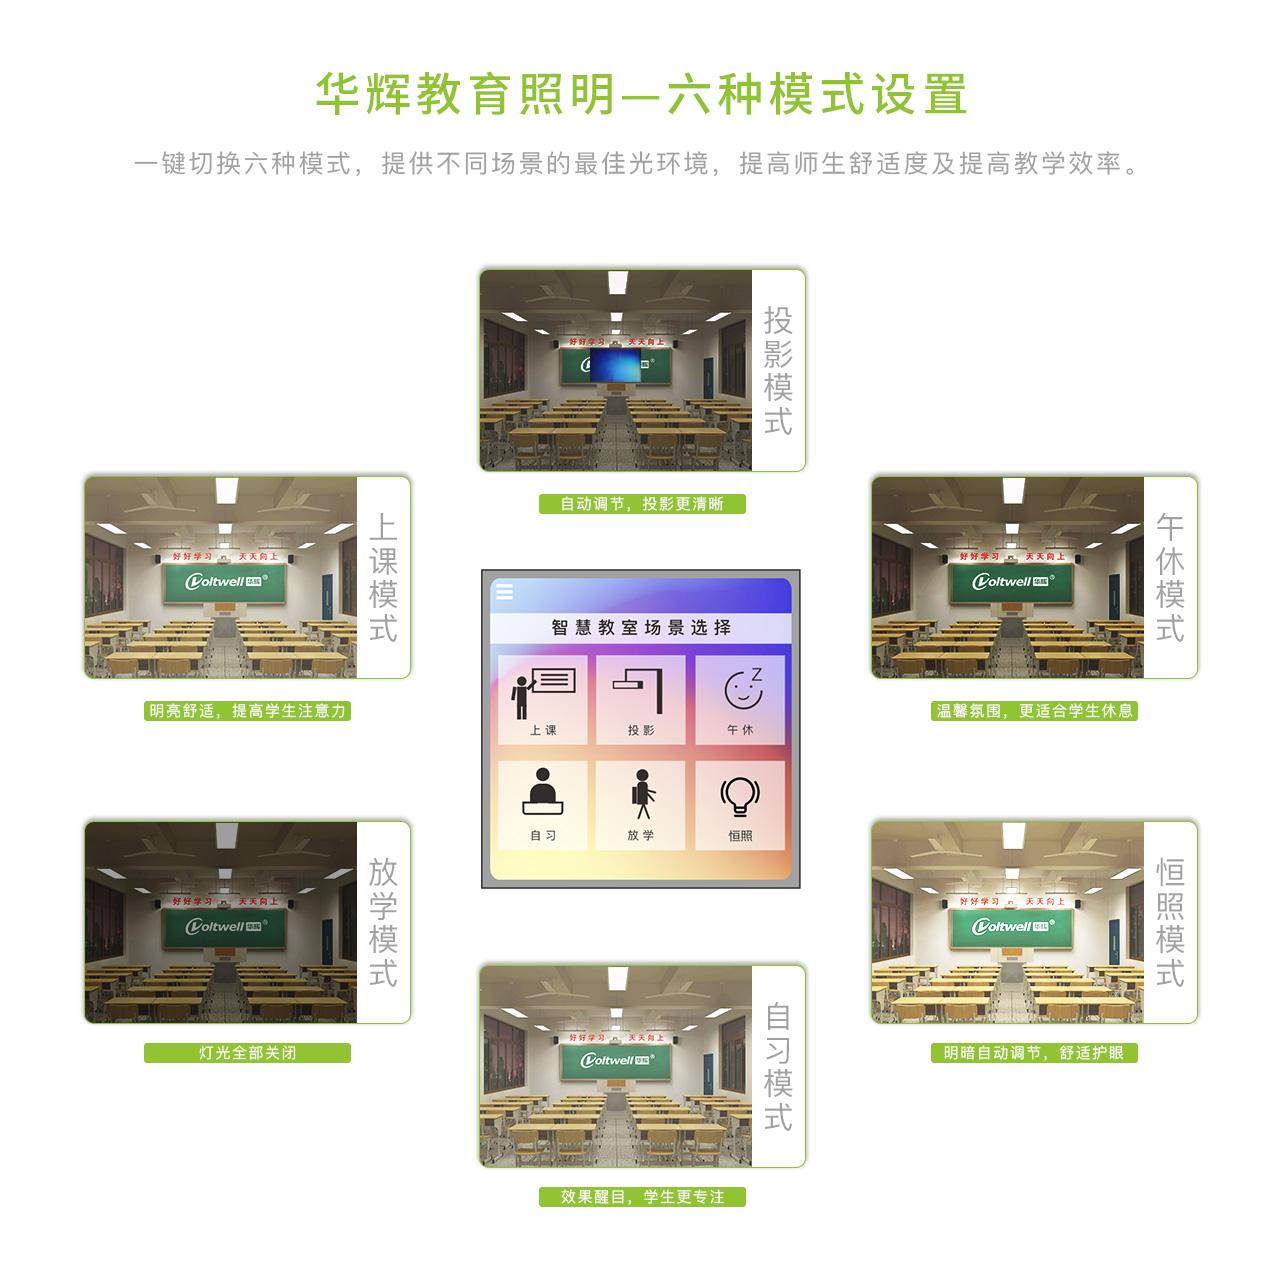 6 华辉教育照明-六种模式设置.jpg